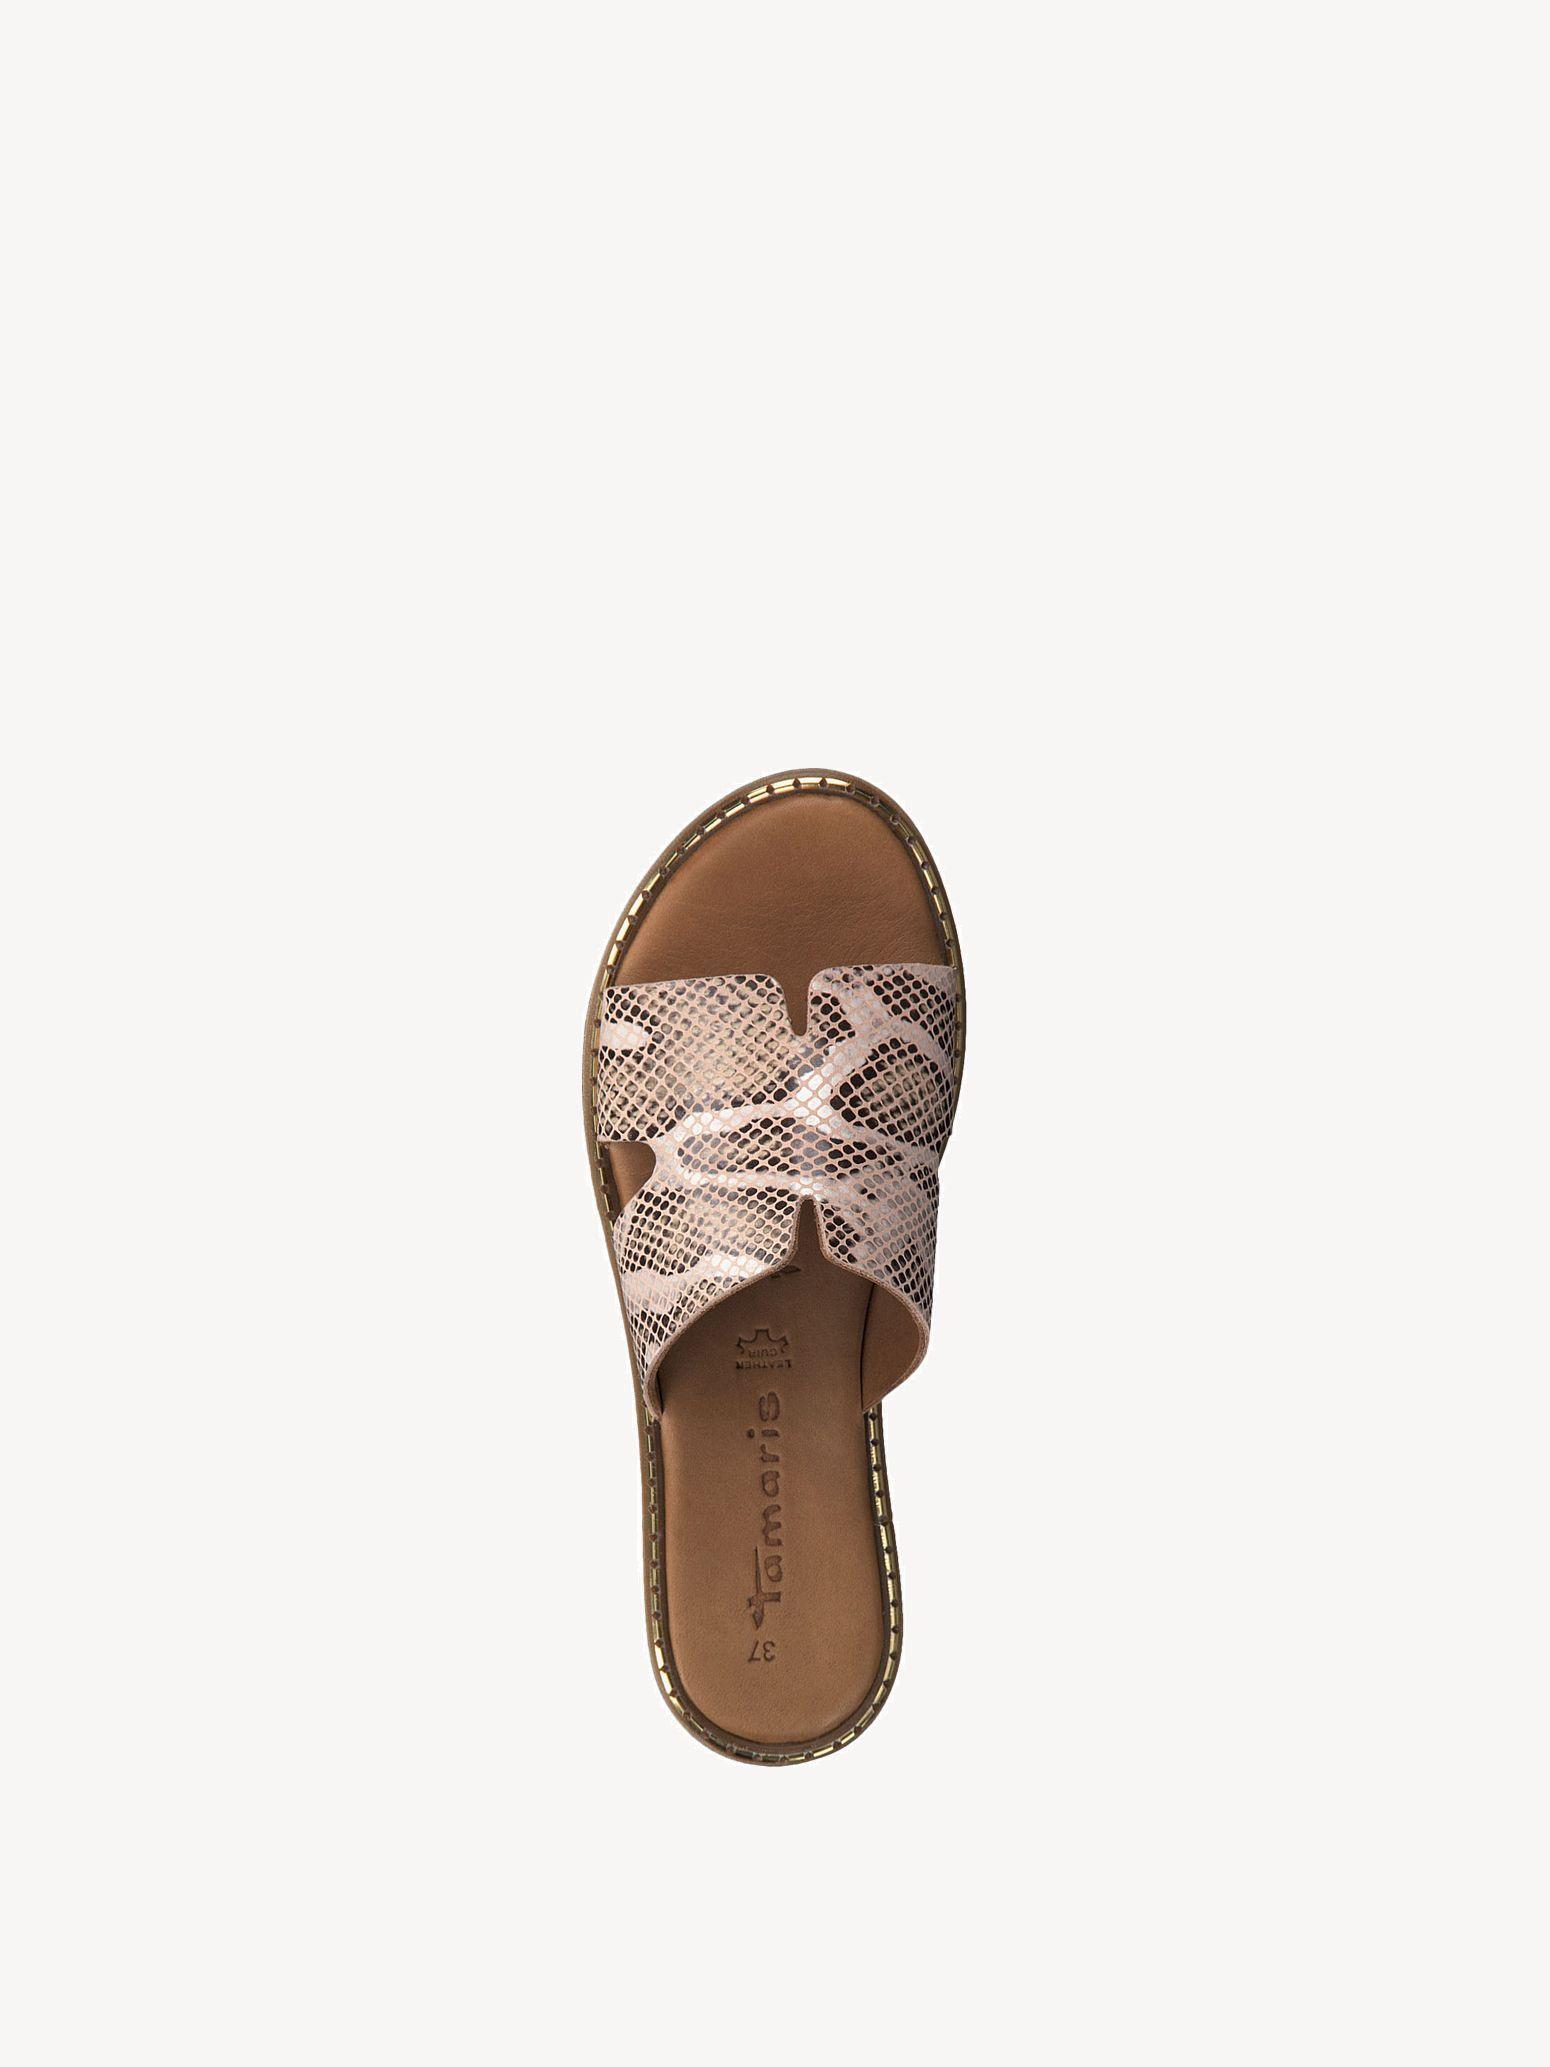 32Tamaris Lederpantolette 1 Pantoletten Kaufen 27153 Online 1 5L4q3ARj